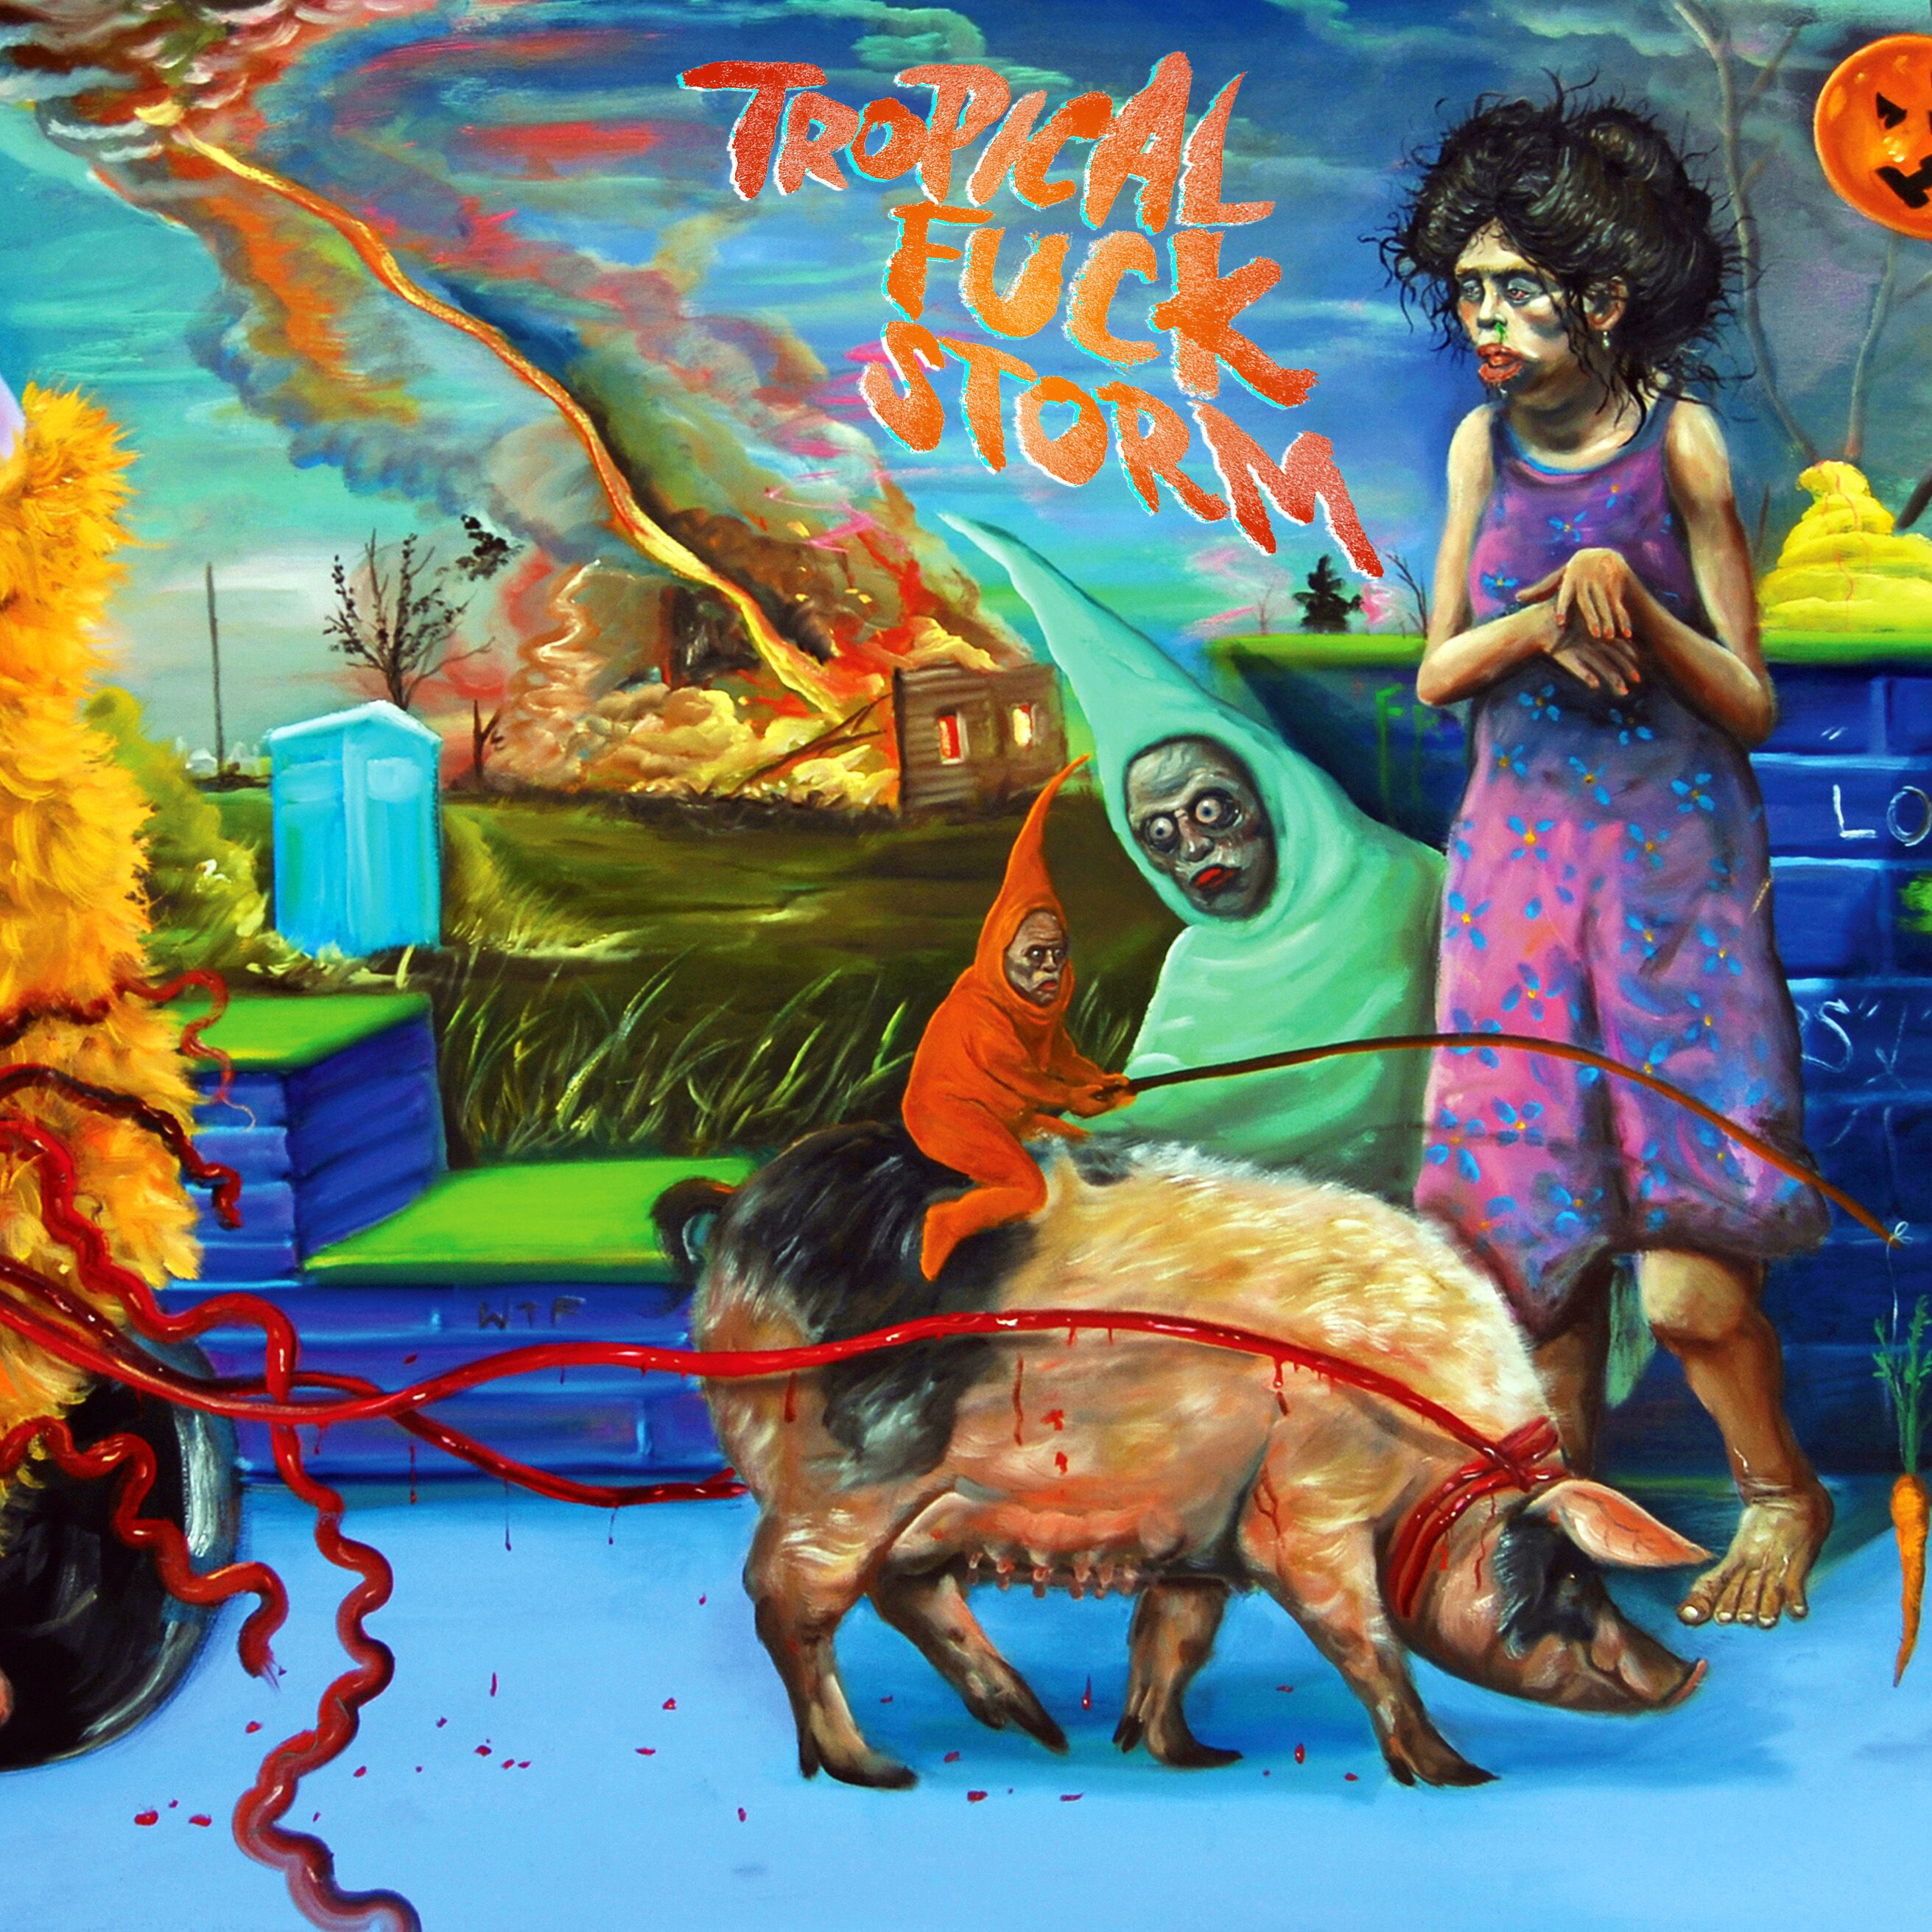 Tropical Fuck Storm Suburbiopia Album Art